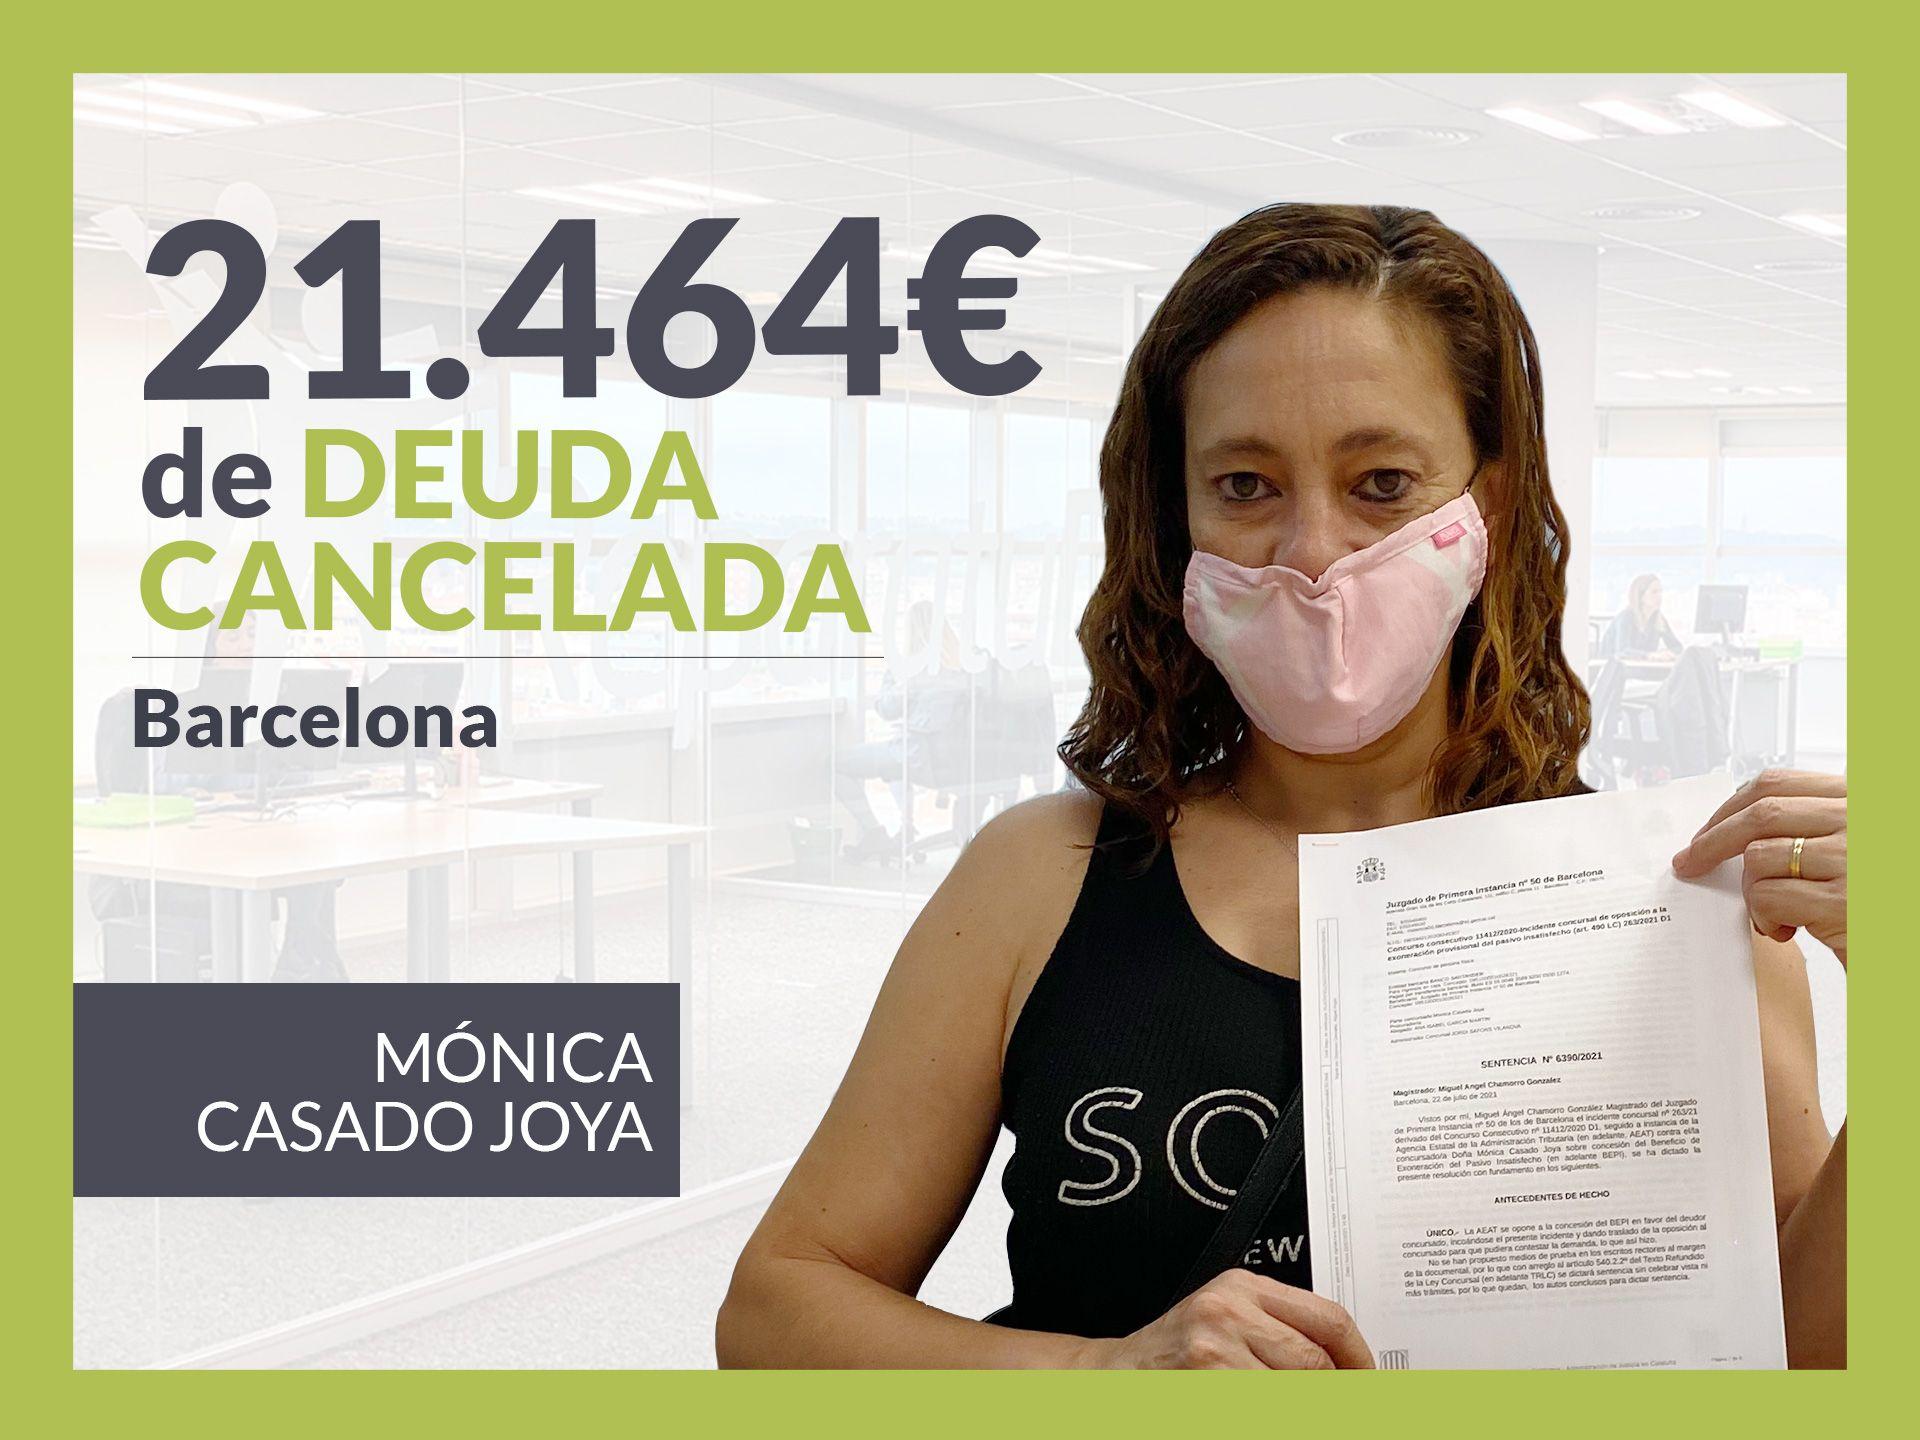 Foto de Mónica Casado, exonerado con Repara Tu Deuda con la Ley de